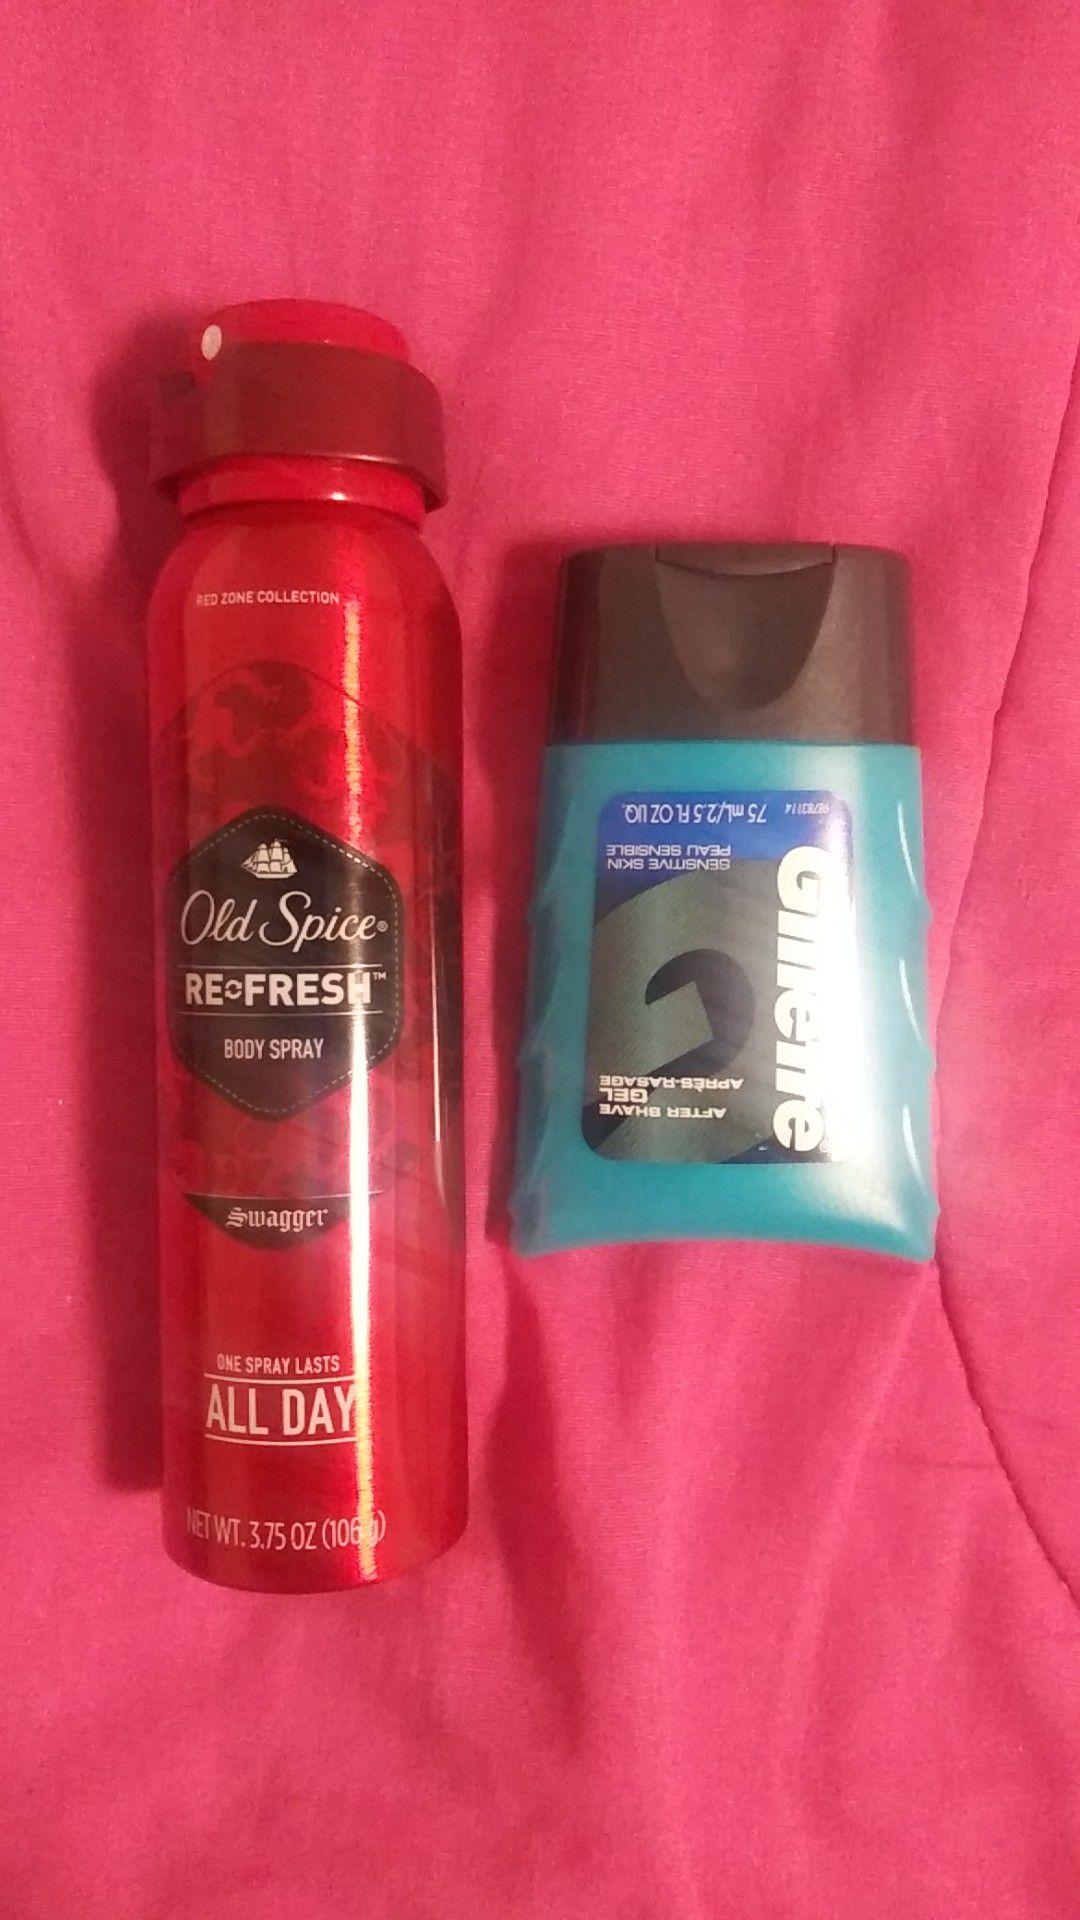 Old Spice/Gillette